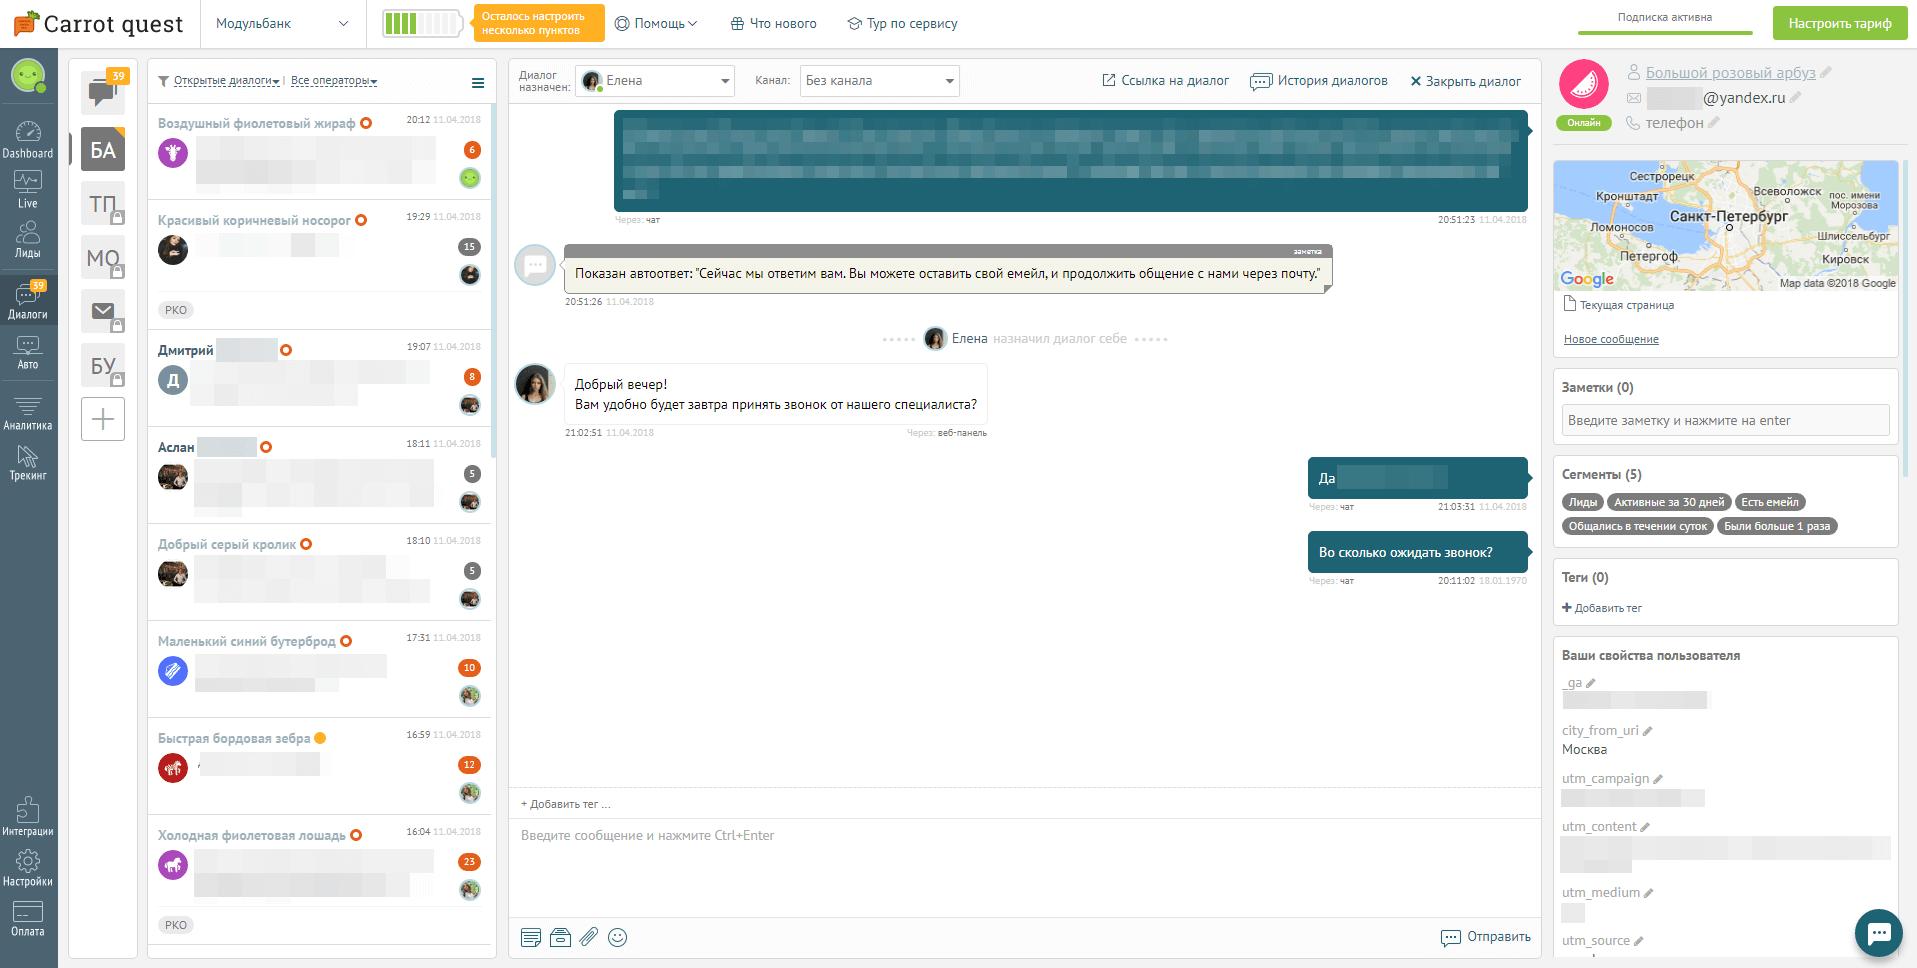 Оператор в окне диалогов Carrot quest